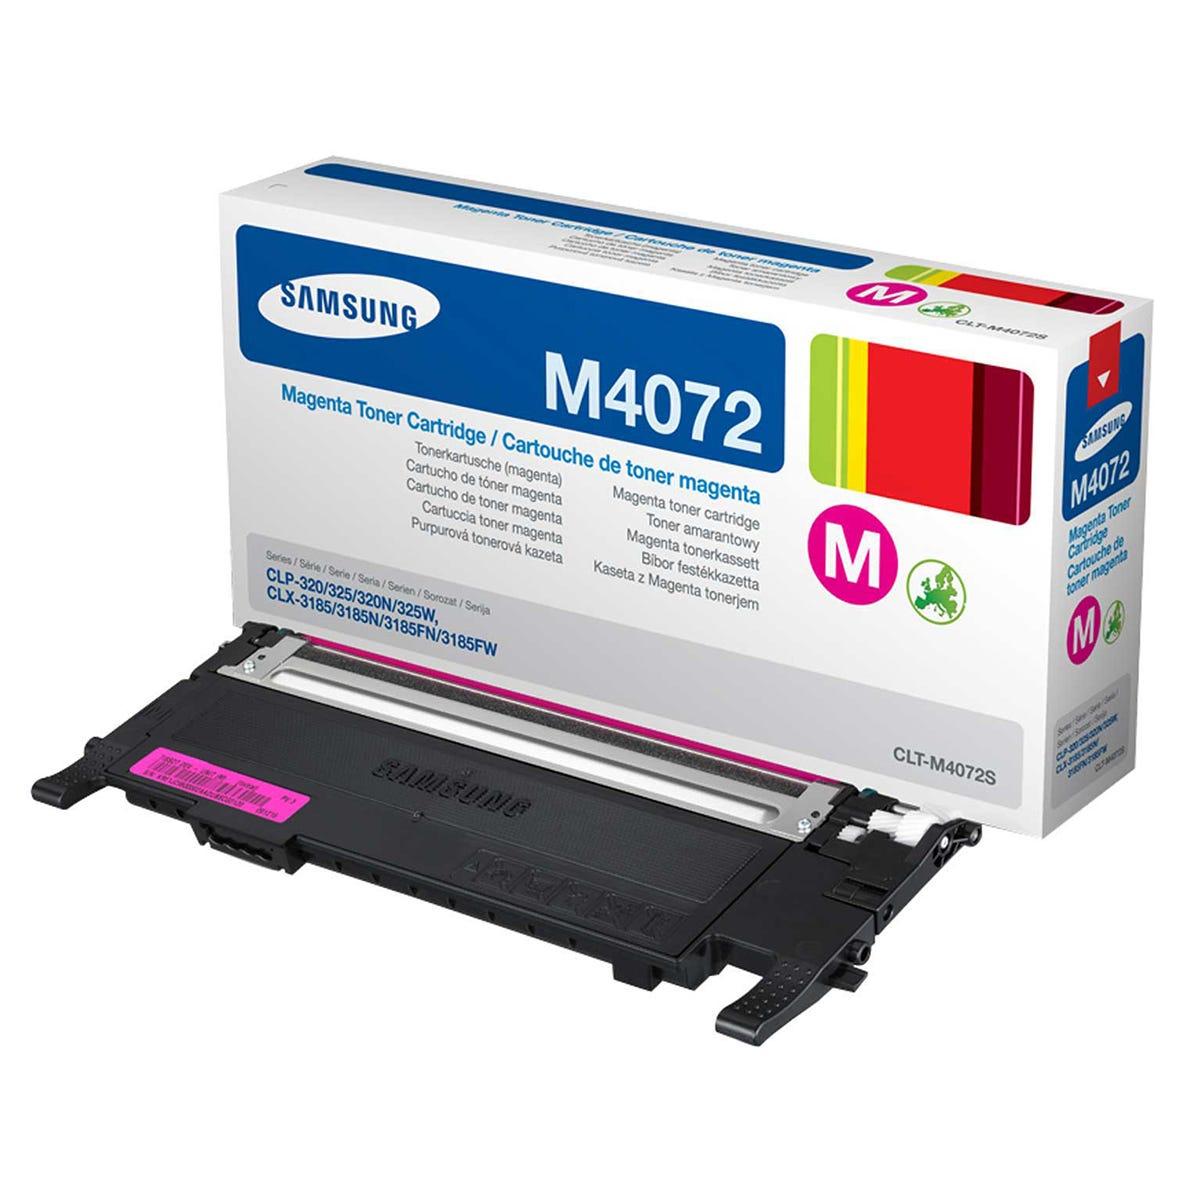 Samsung CLT-M4072S/ELS Printer Toner Cartridge